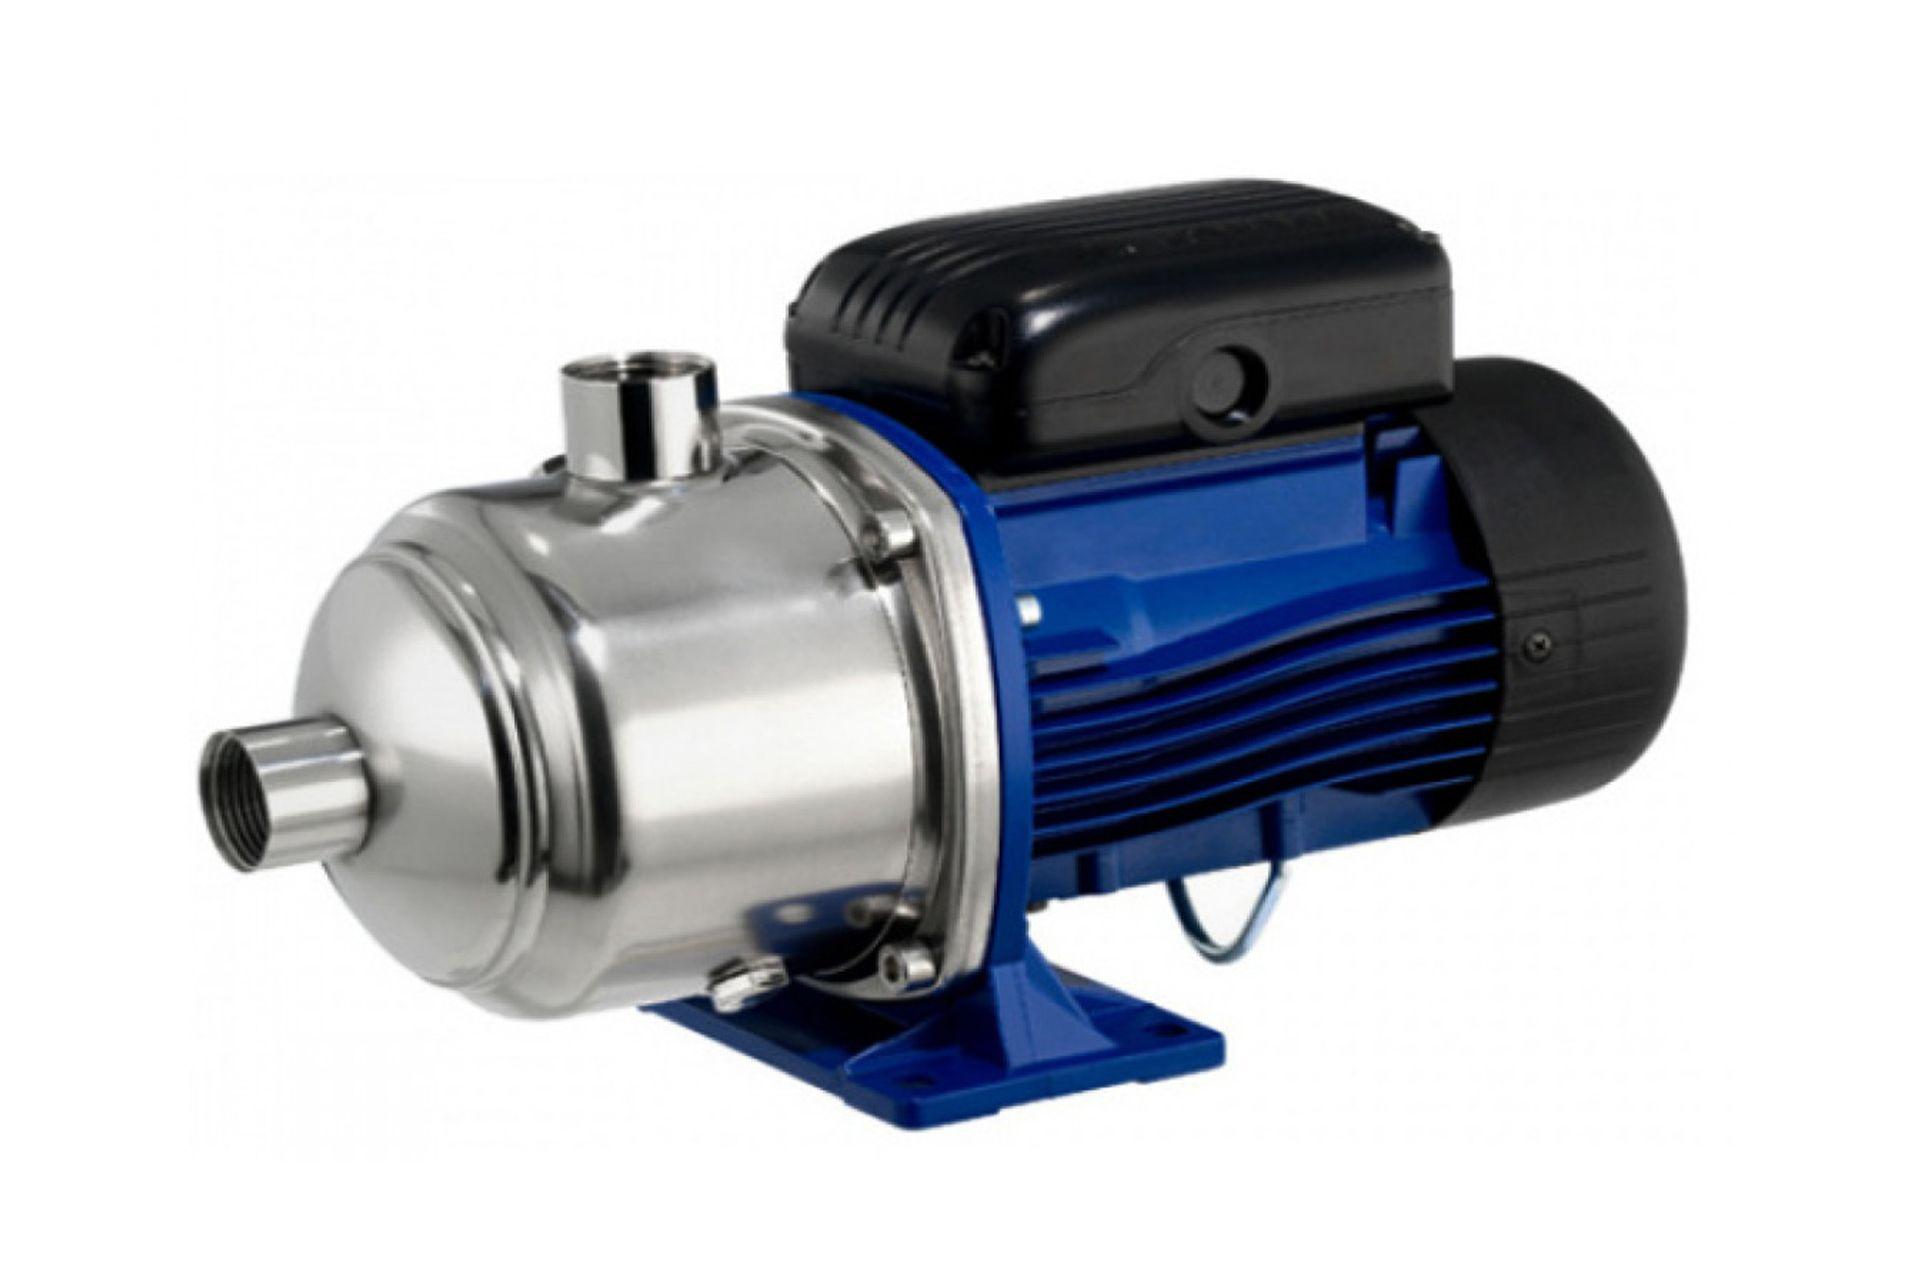 elettropompa centrifuga lowara 3hm05p07m da 1 hp 0,75 kw multistadio